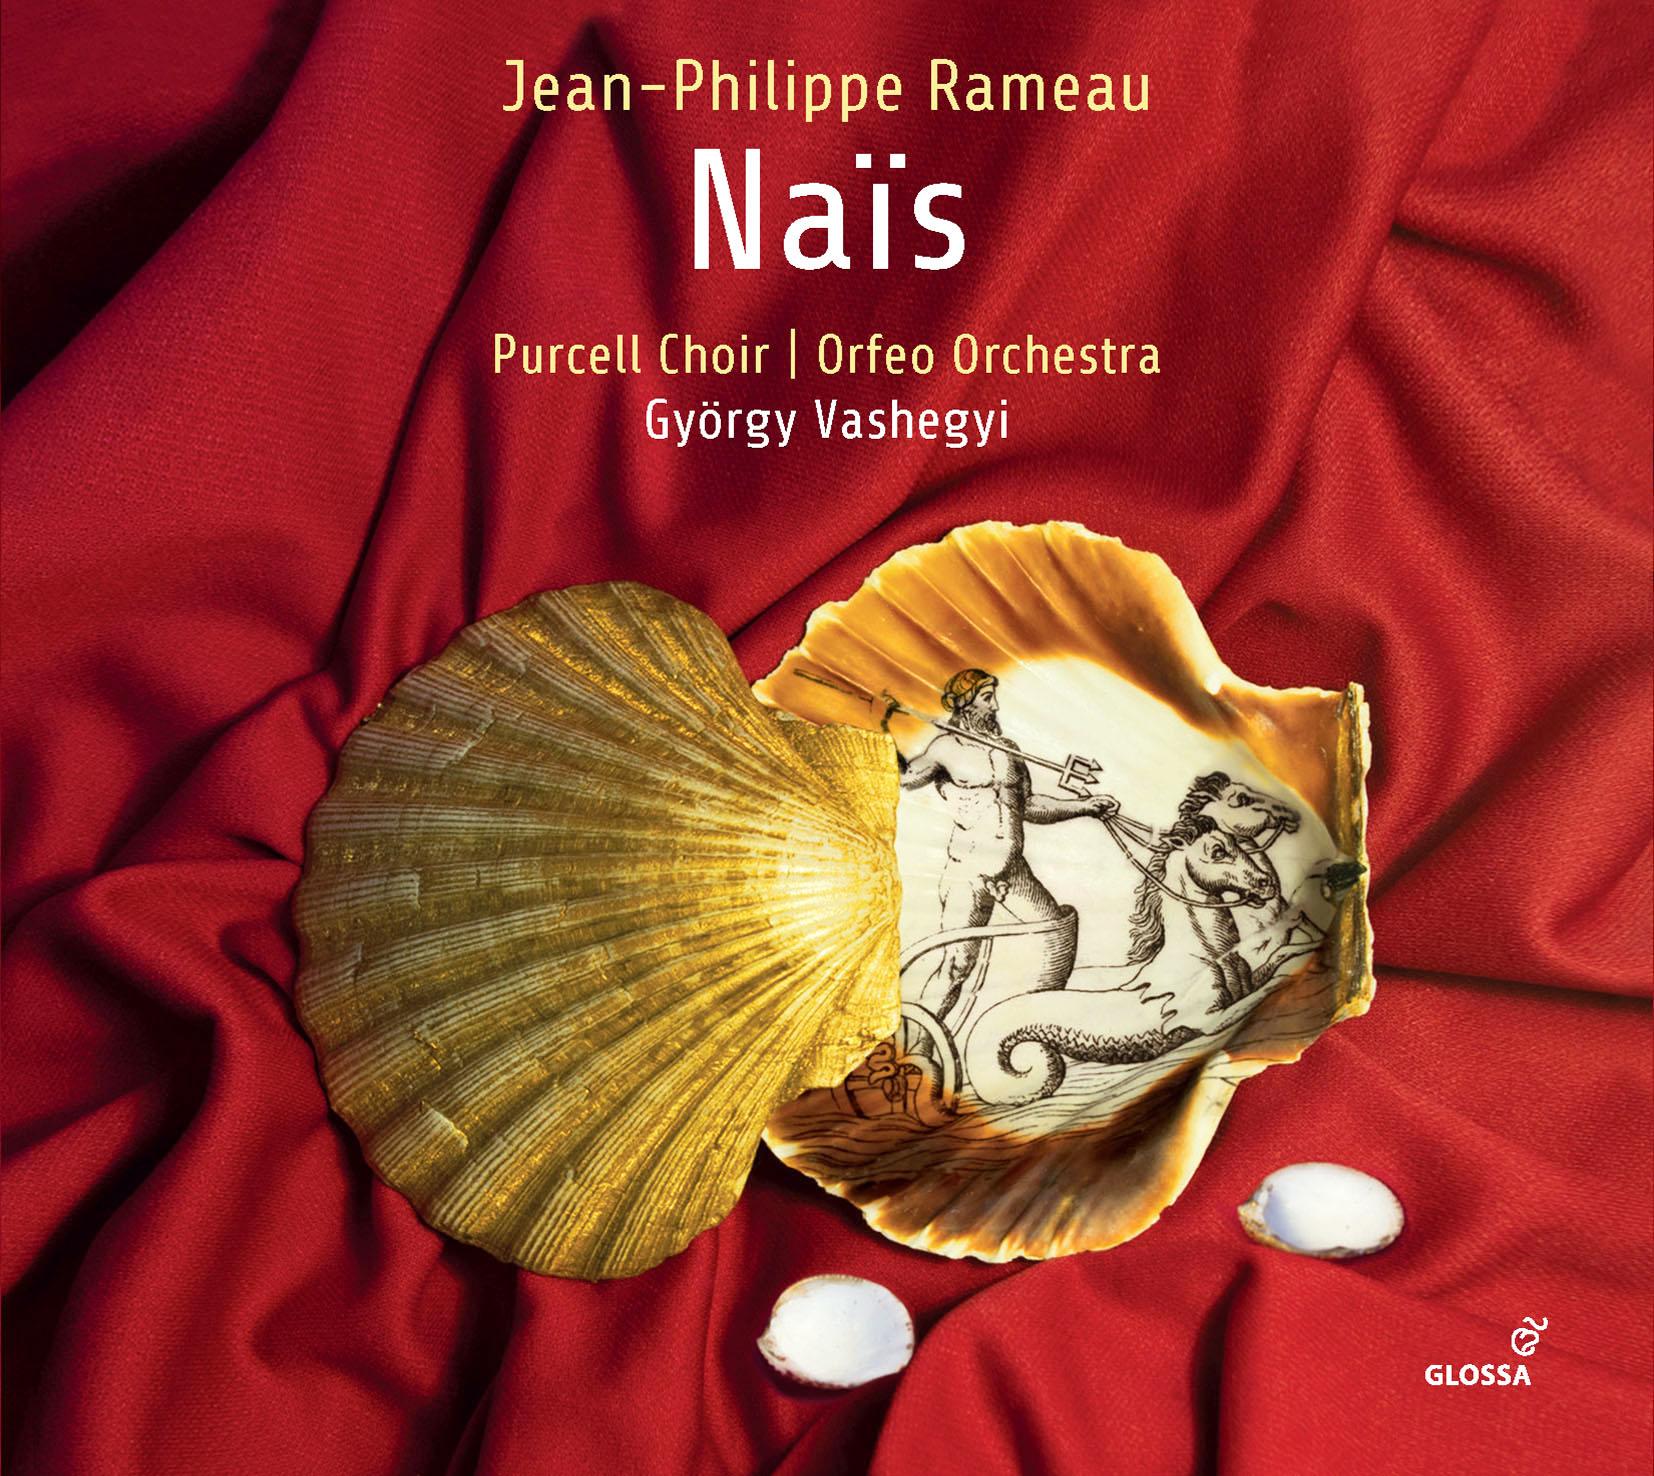 Rameau : discographie des opéras - Page 10 GCD-924003-front_HD